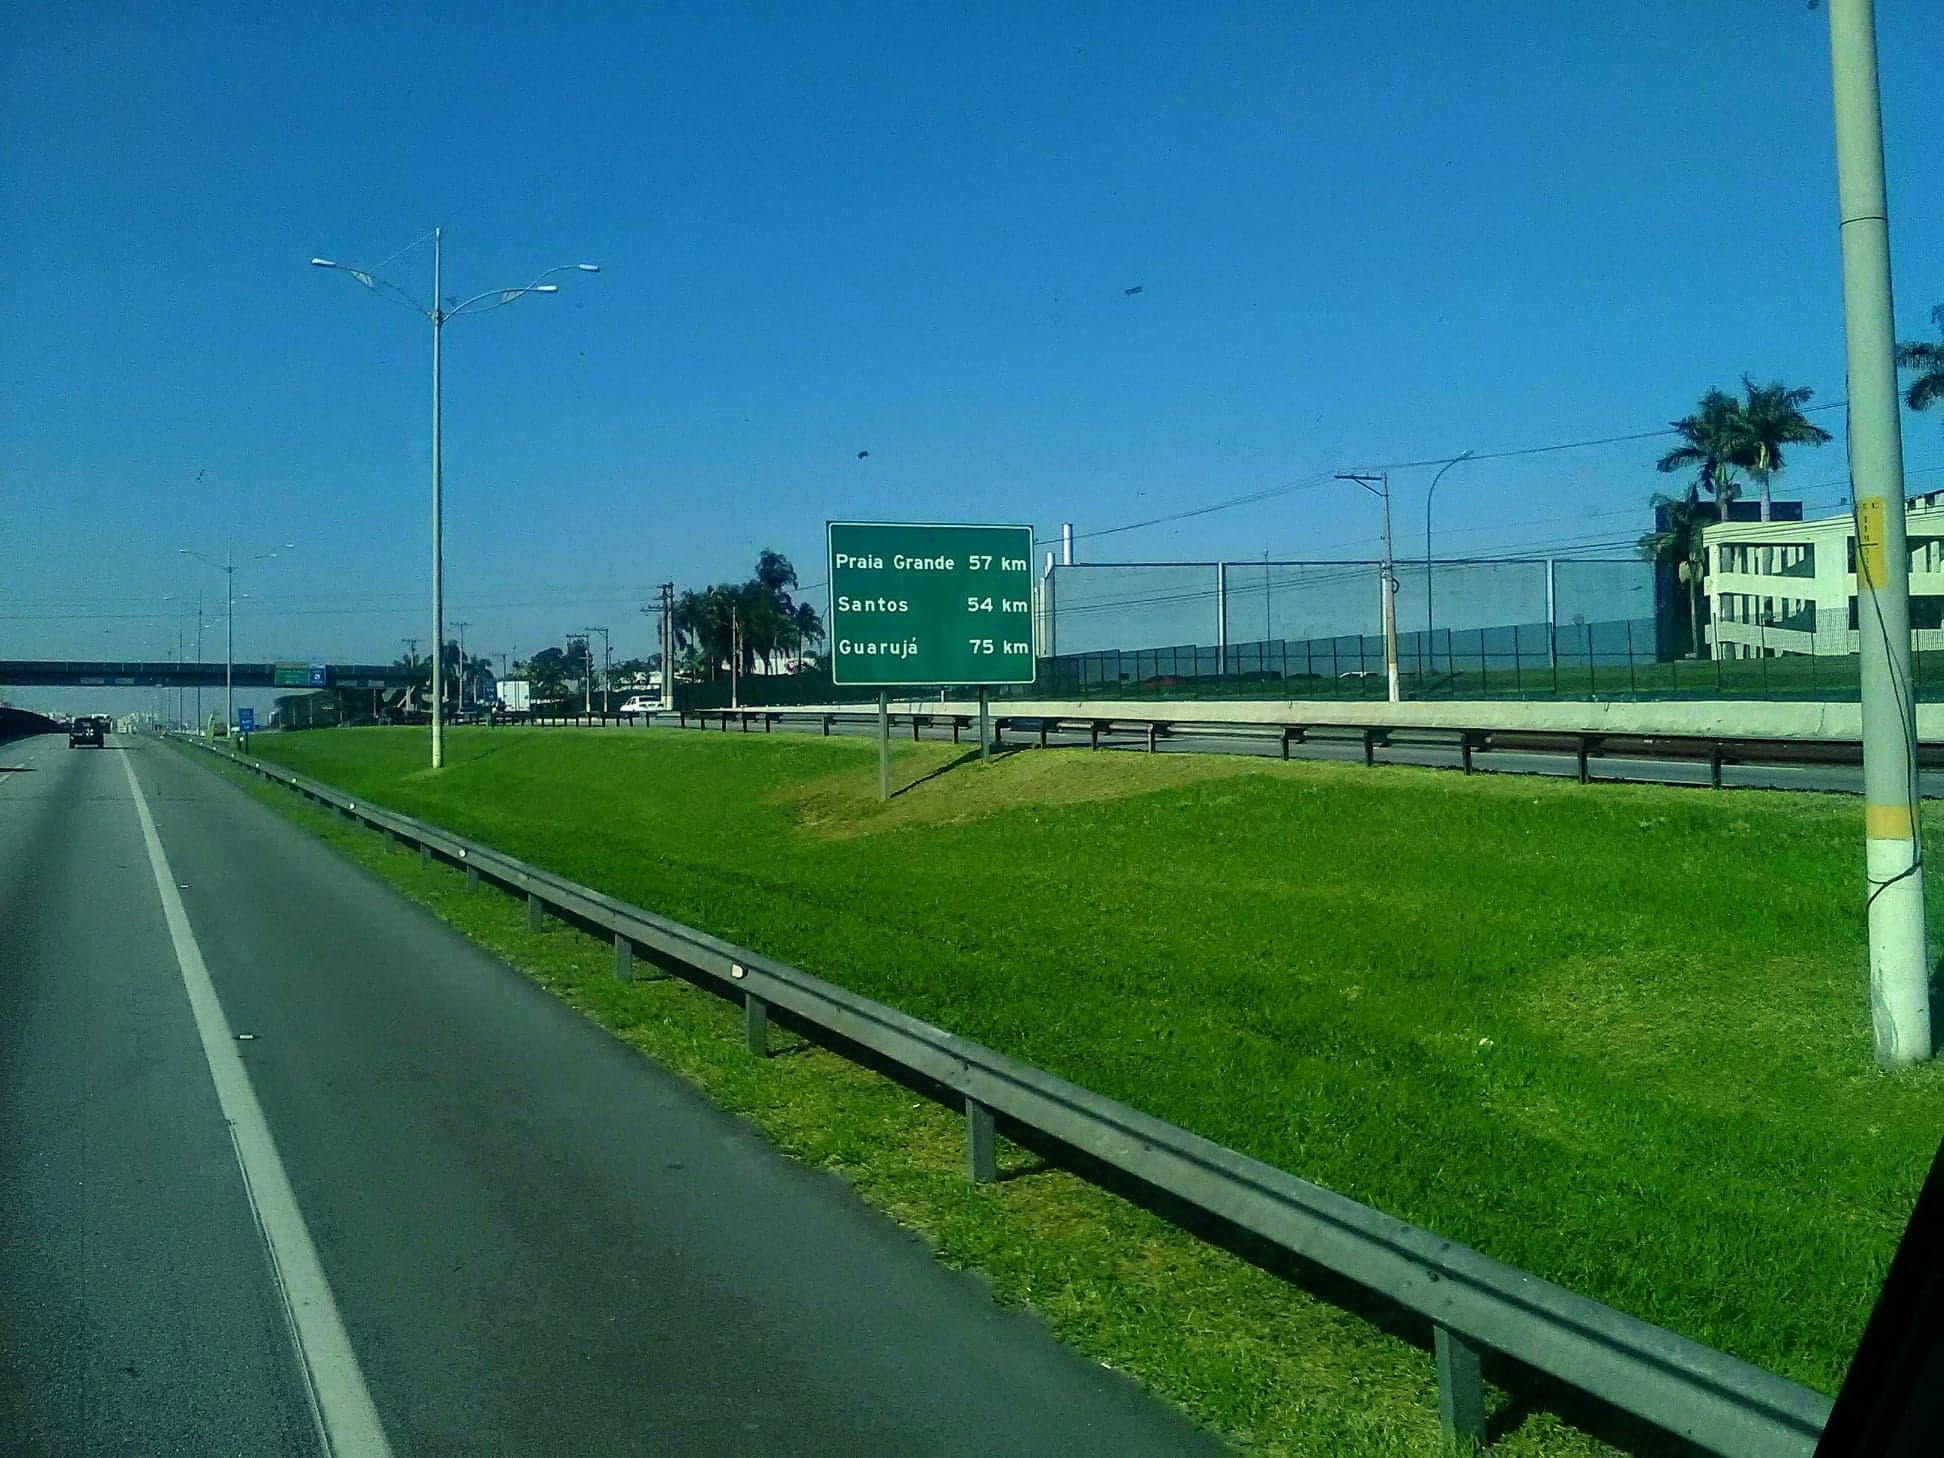 Sao-Paulo-Santos-2